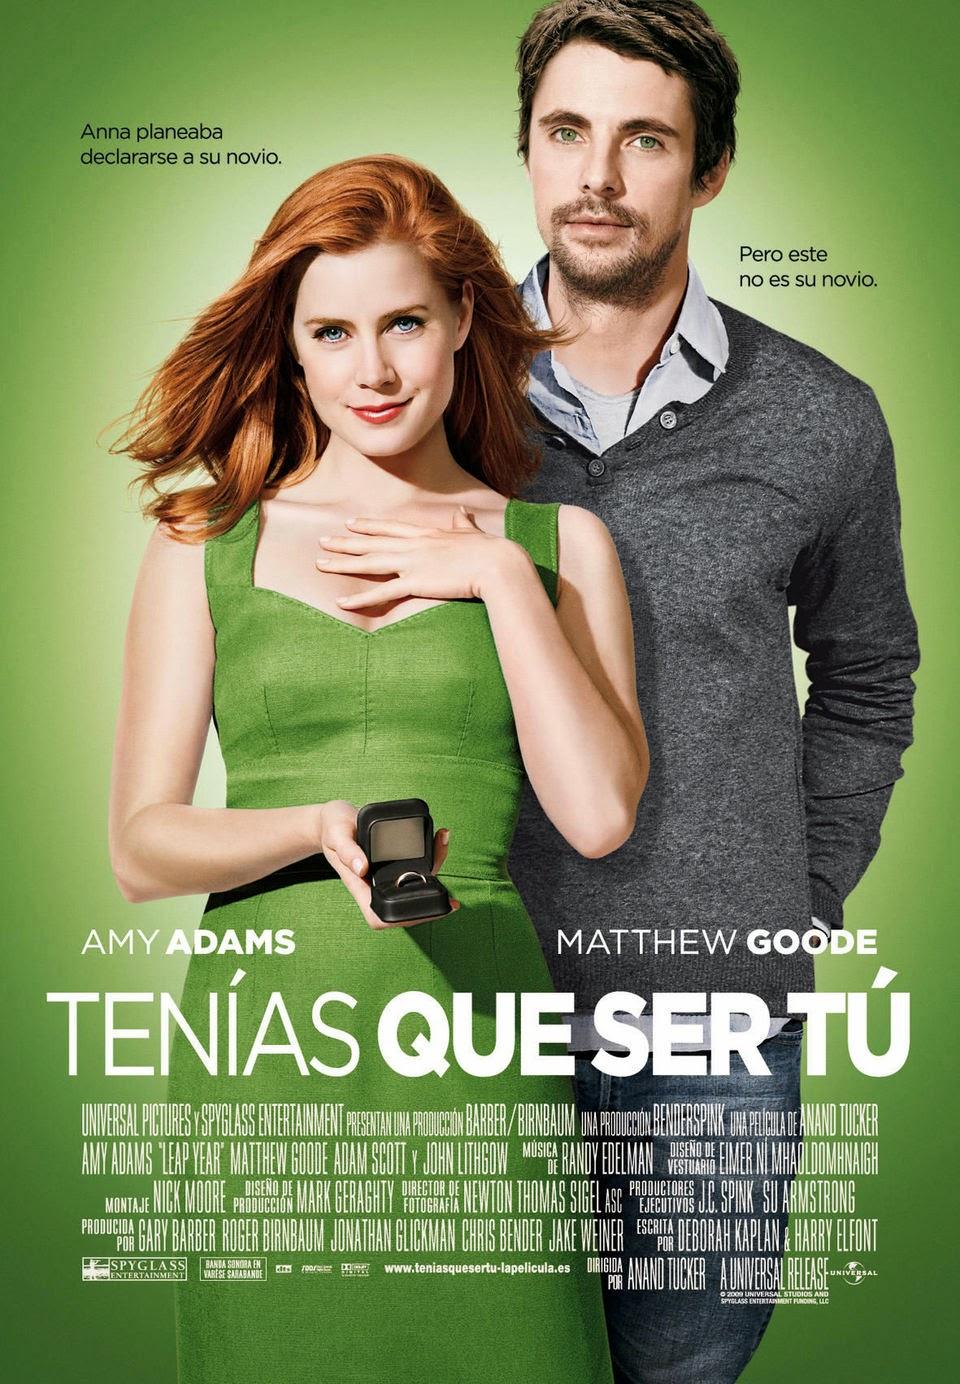 http://2.bp.blogspot.com/-HoyRV3A94m0/VAXc37C7AmI/AAAAAAAAAls/UCnVz4Oa4TE/s1600/001-tenias-que-ser-tu-espana.jpg